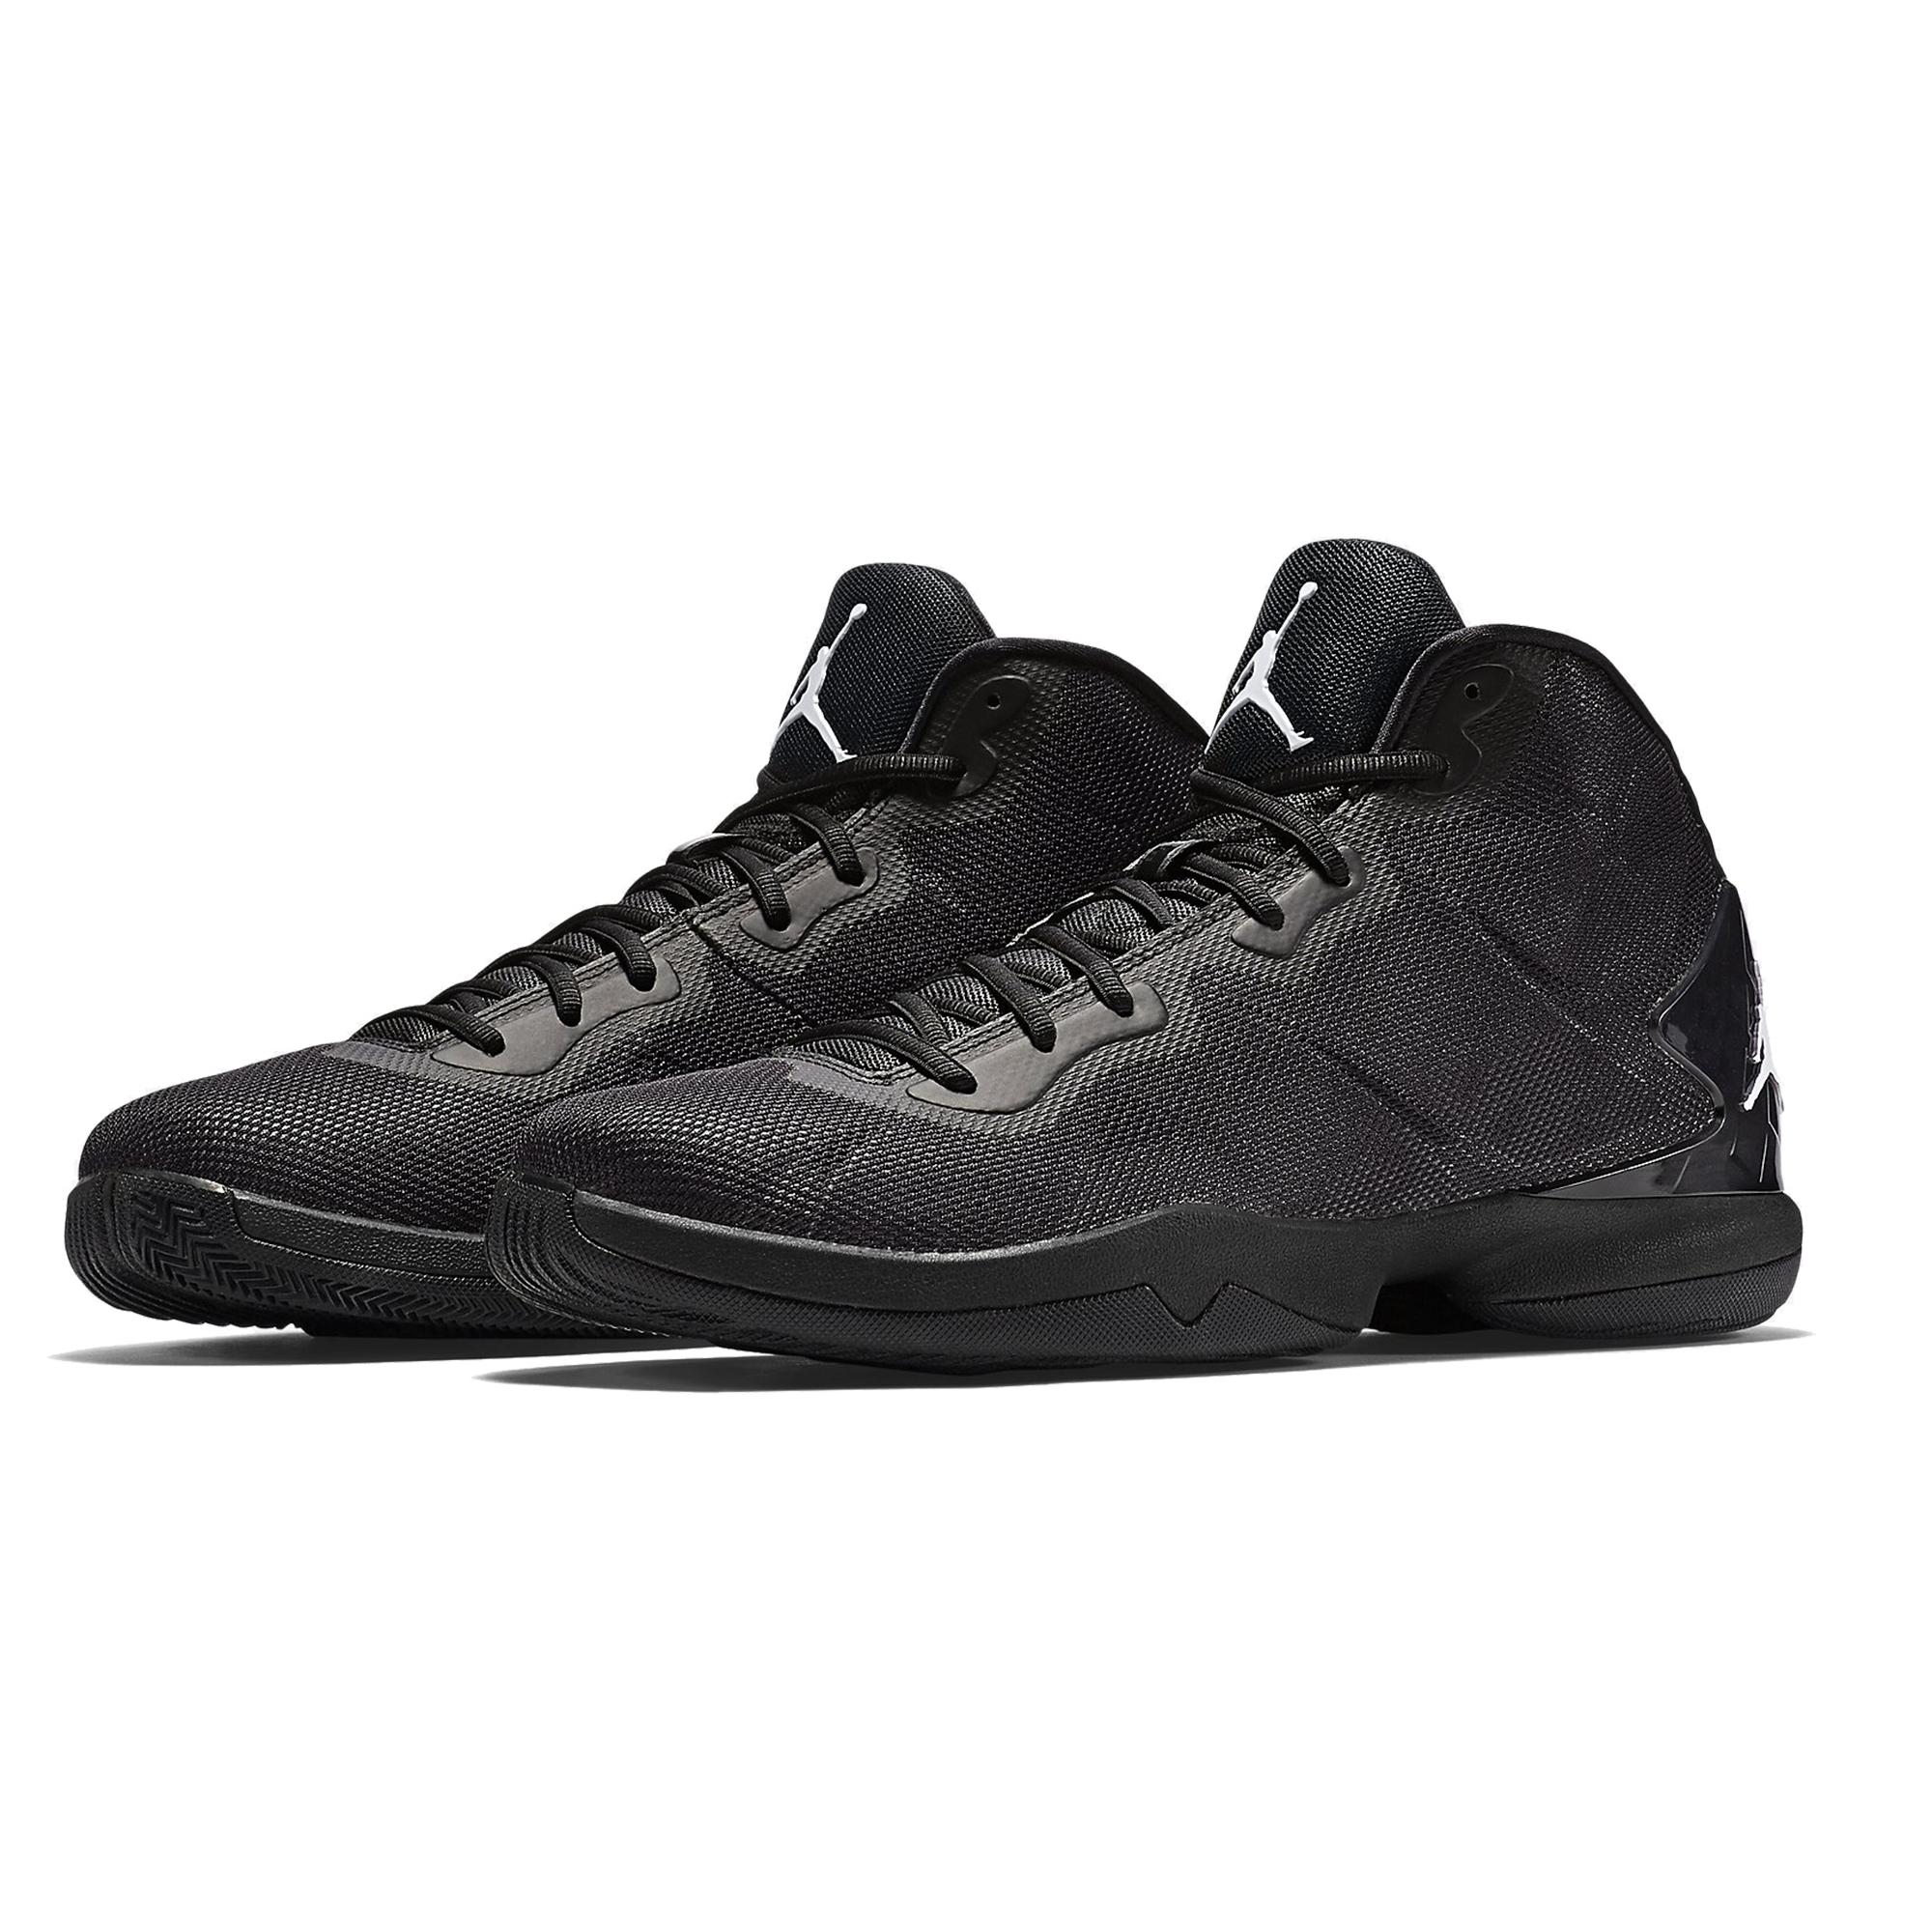 timeless design de400 8c895 Nike Jordan Super Fly 4 Erkek Basketbol Ayakkabısı